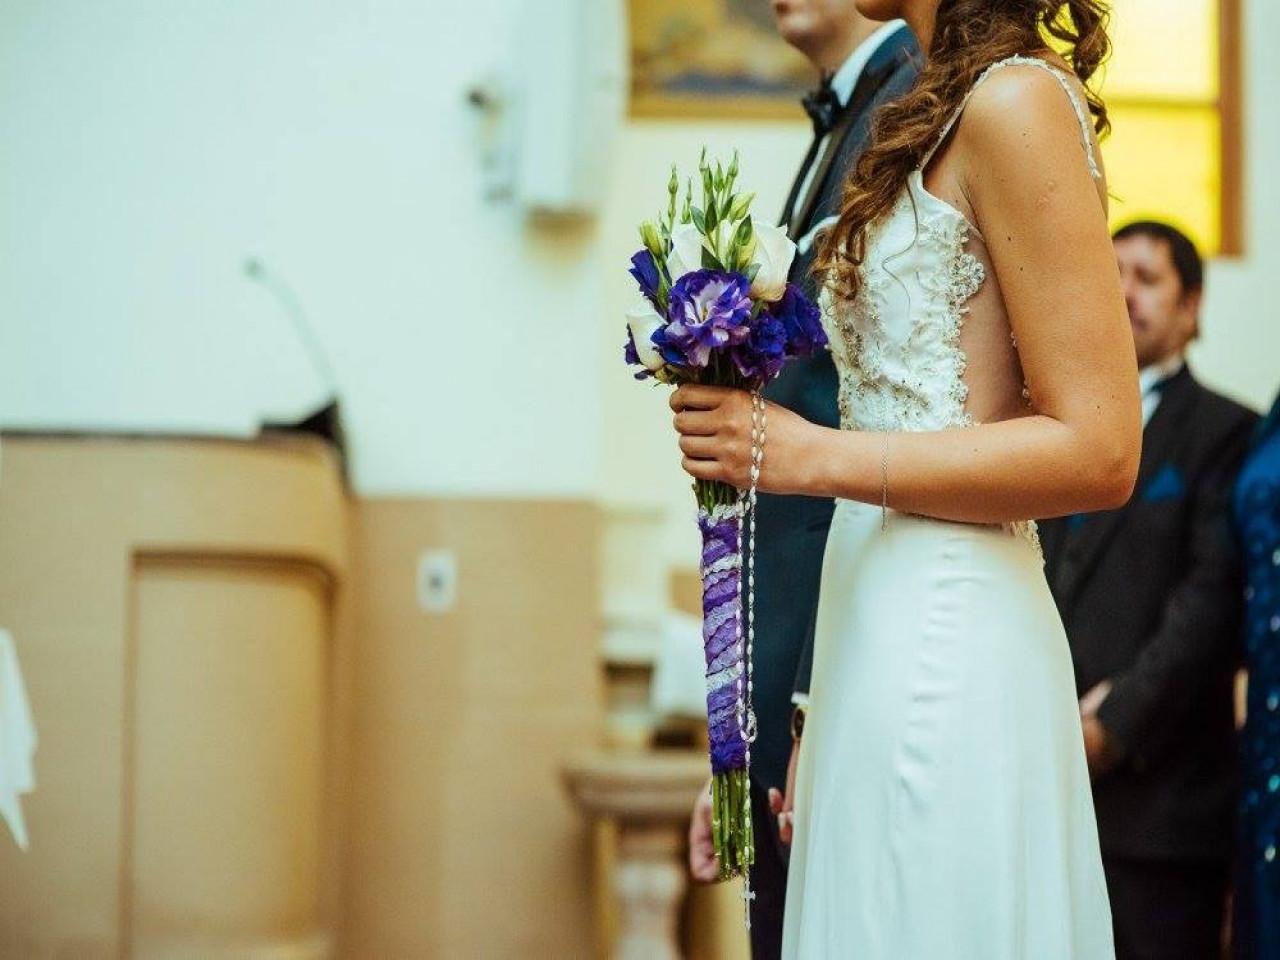 Vestidos de novia usados en calle bandera